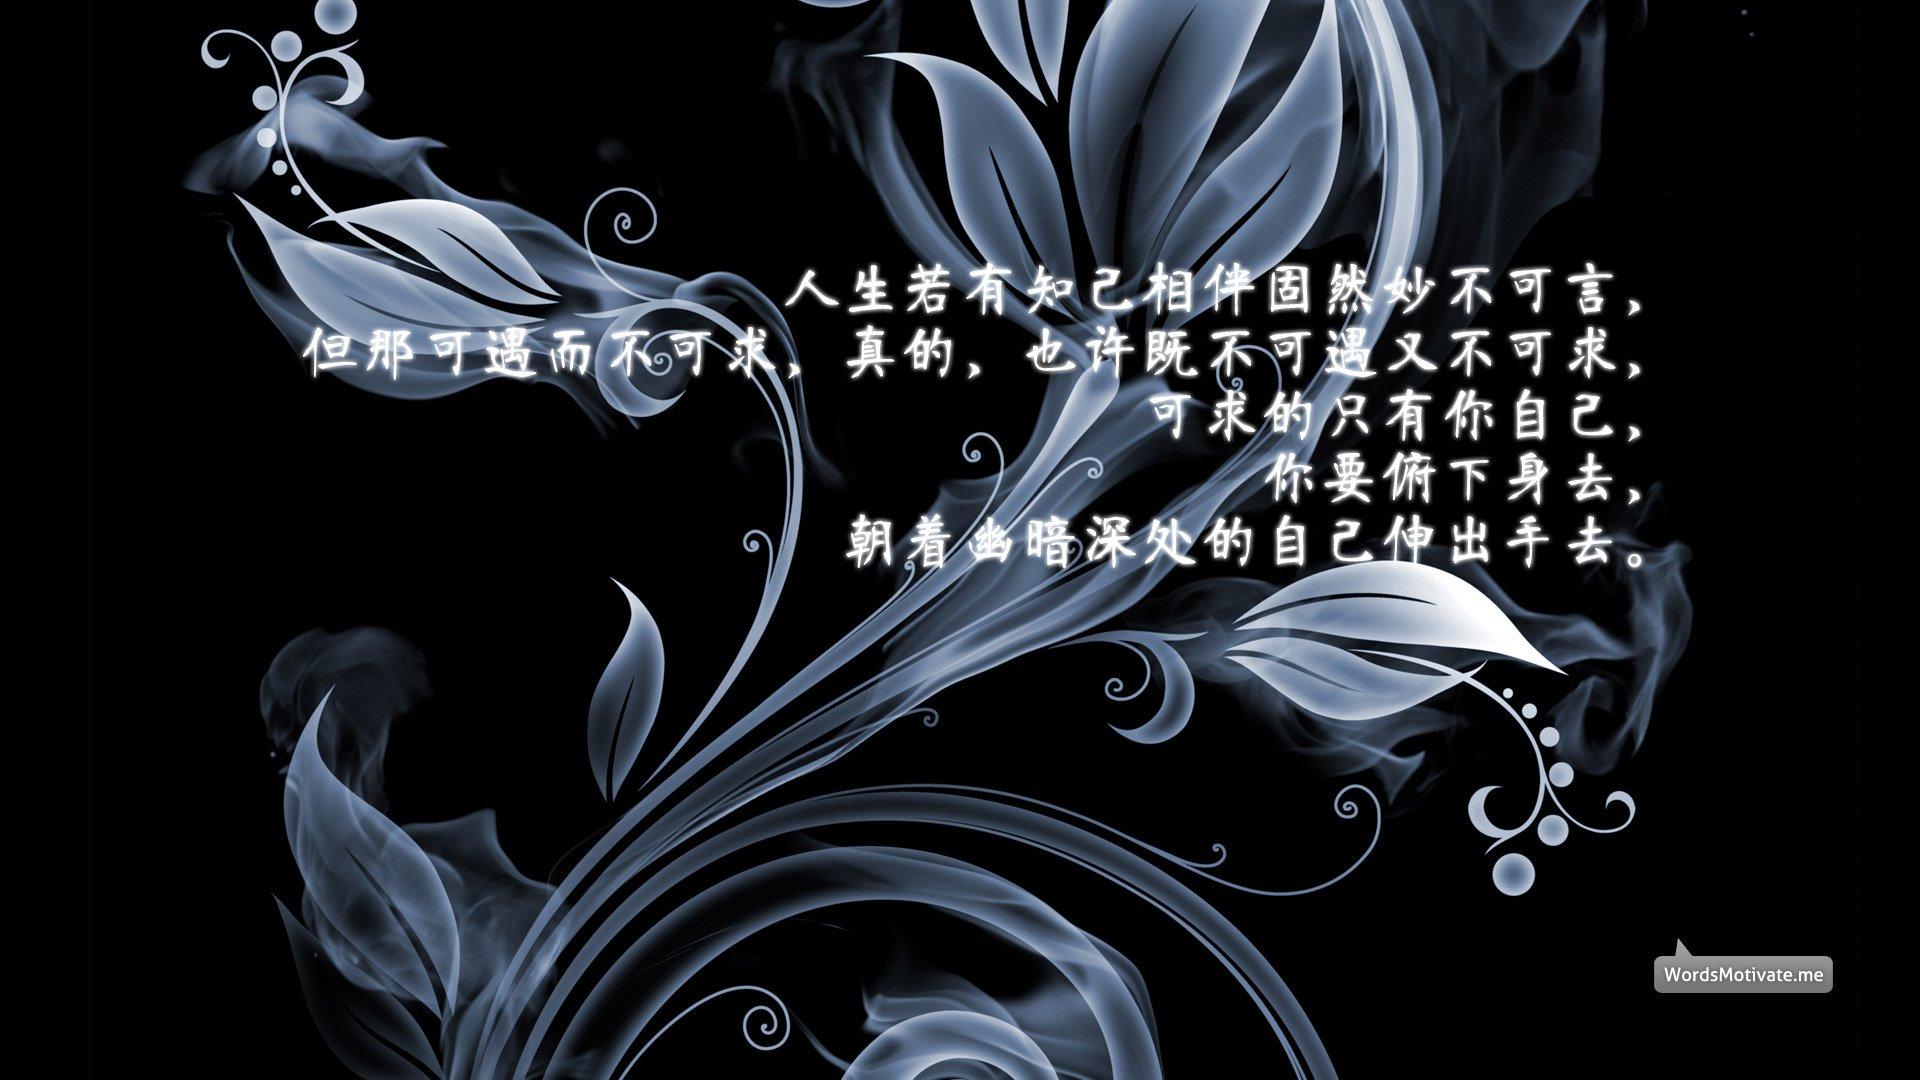 地中海条纹墙纸贴图_木纹 黑色木纹 黑色底纹 木质底纹 deviontart壁纸_第8页_素材分享